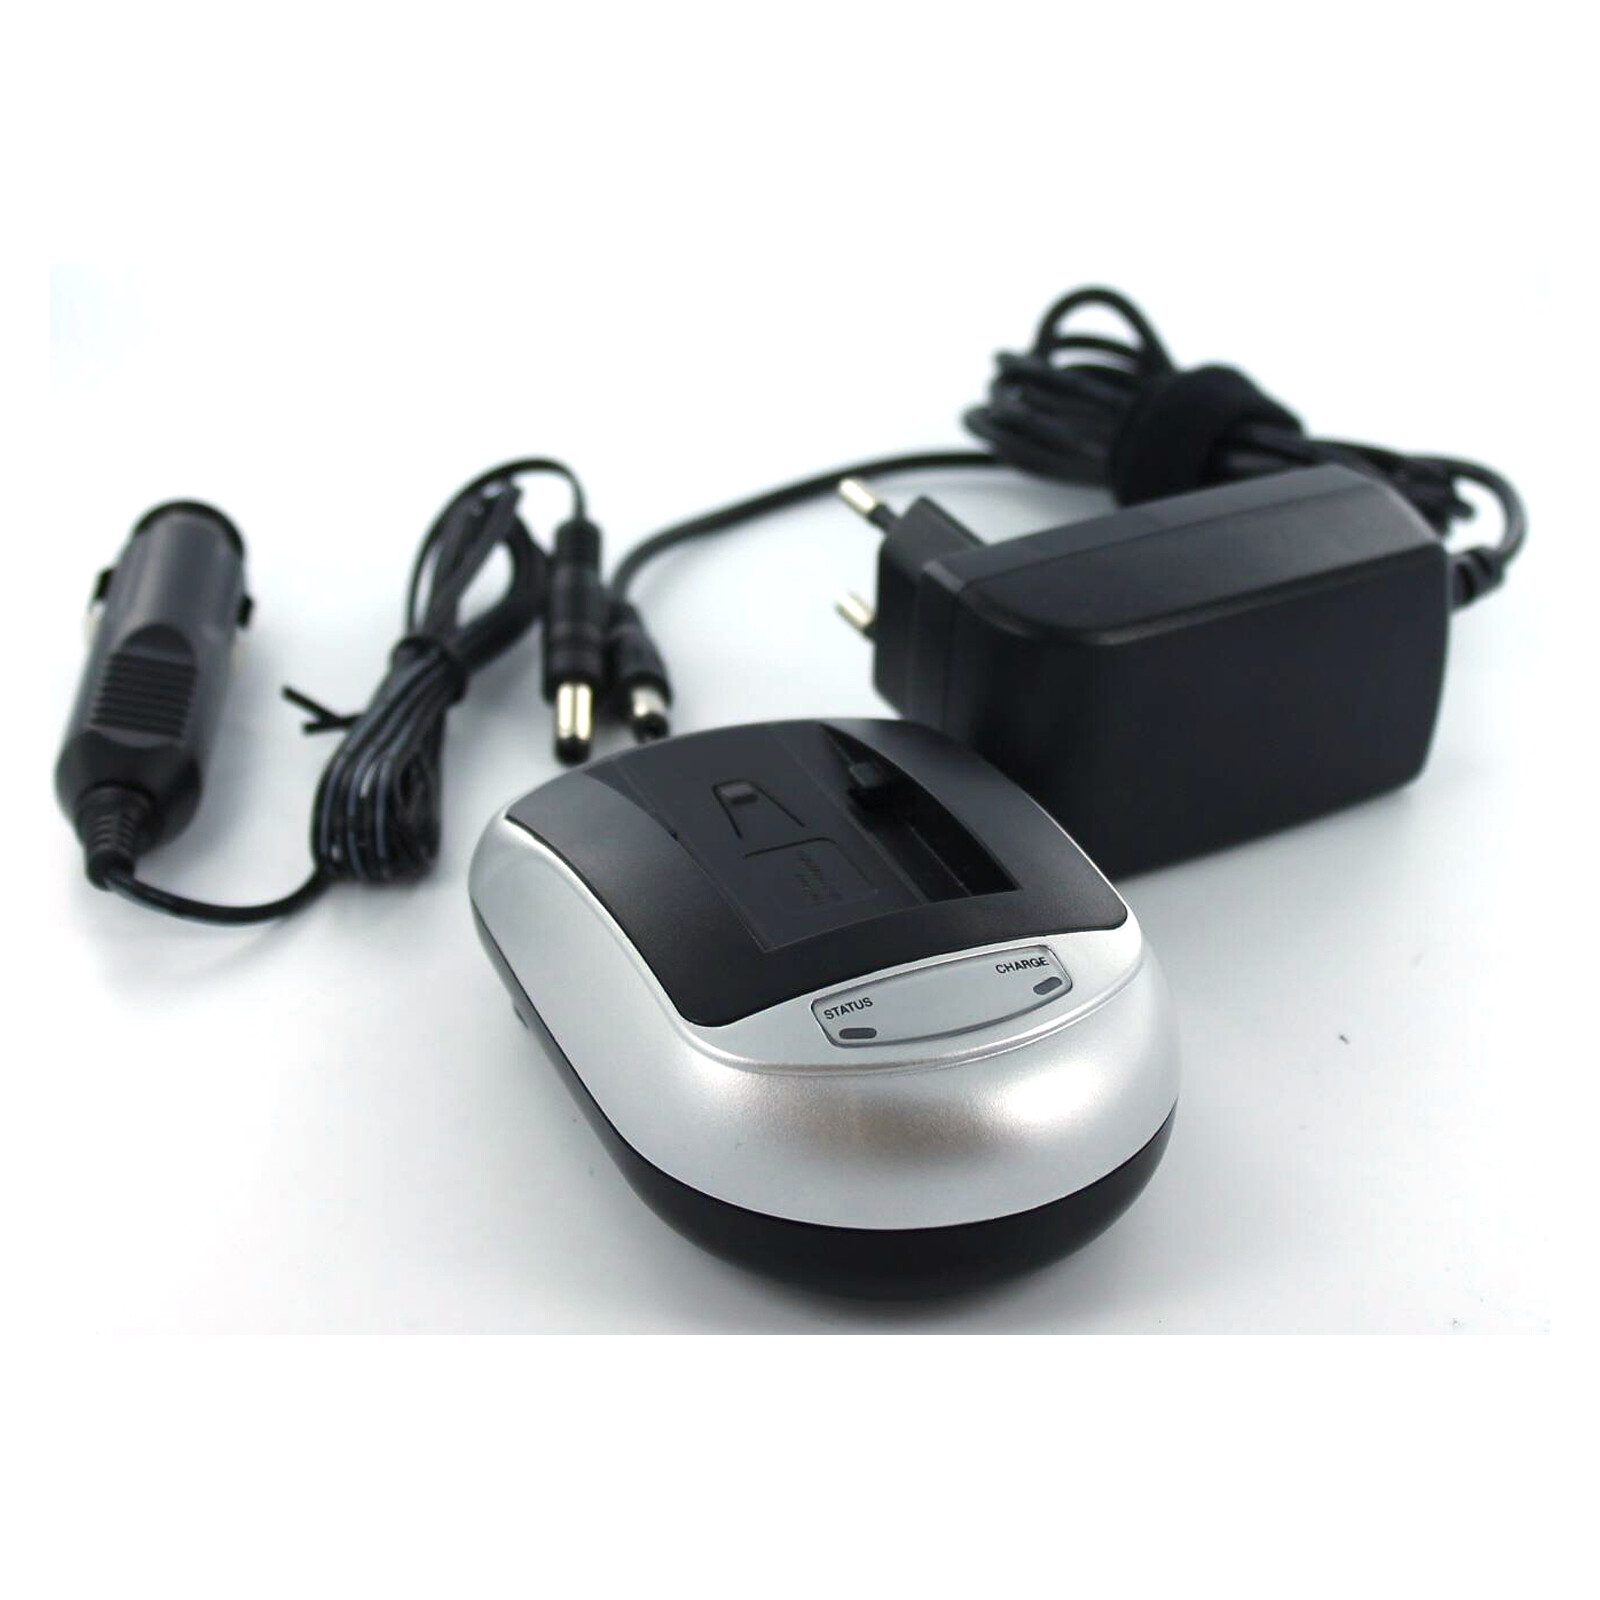 AGI 7659 Ladegerät Sony DSC-P100